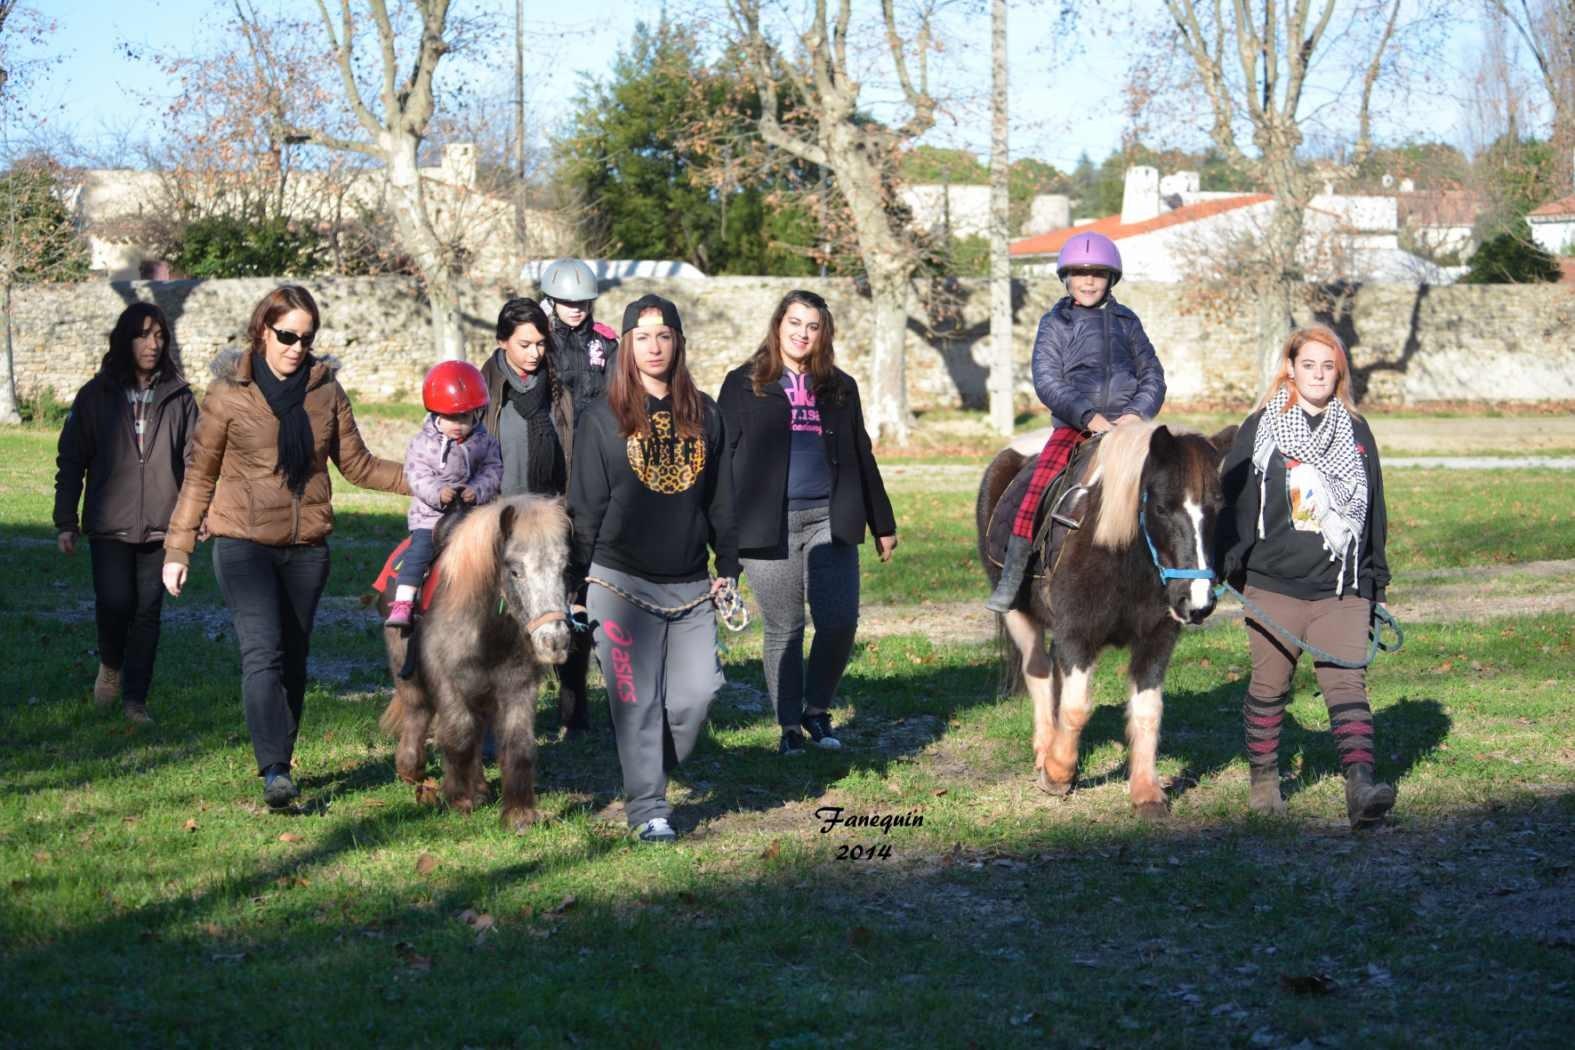 Marchés de Noël 2014 - Promenades en Poneys à Pignan - 10